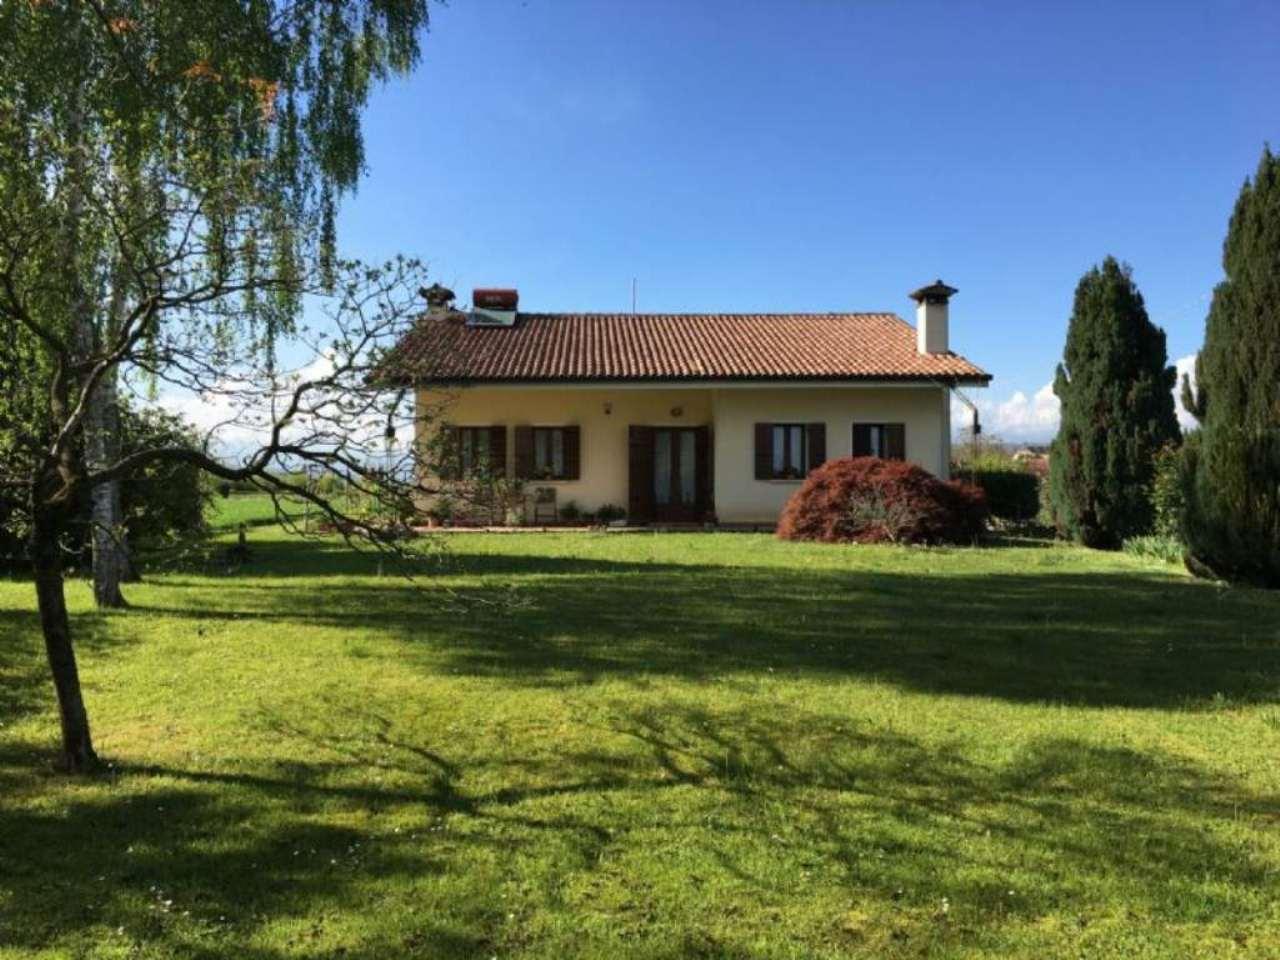 Villa in vendita a Trevignano, 5 locali, zona Zona: Signoressa, prezzo € 480.000 | Cambio Casa.it